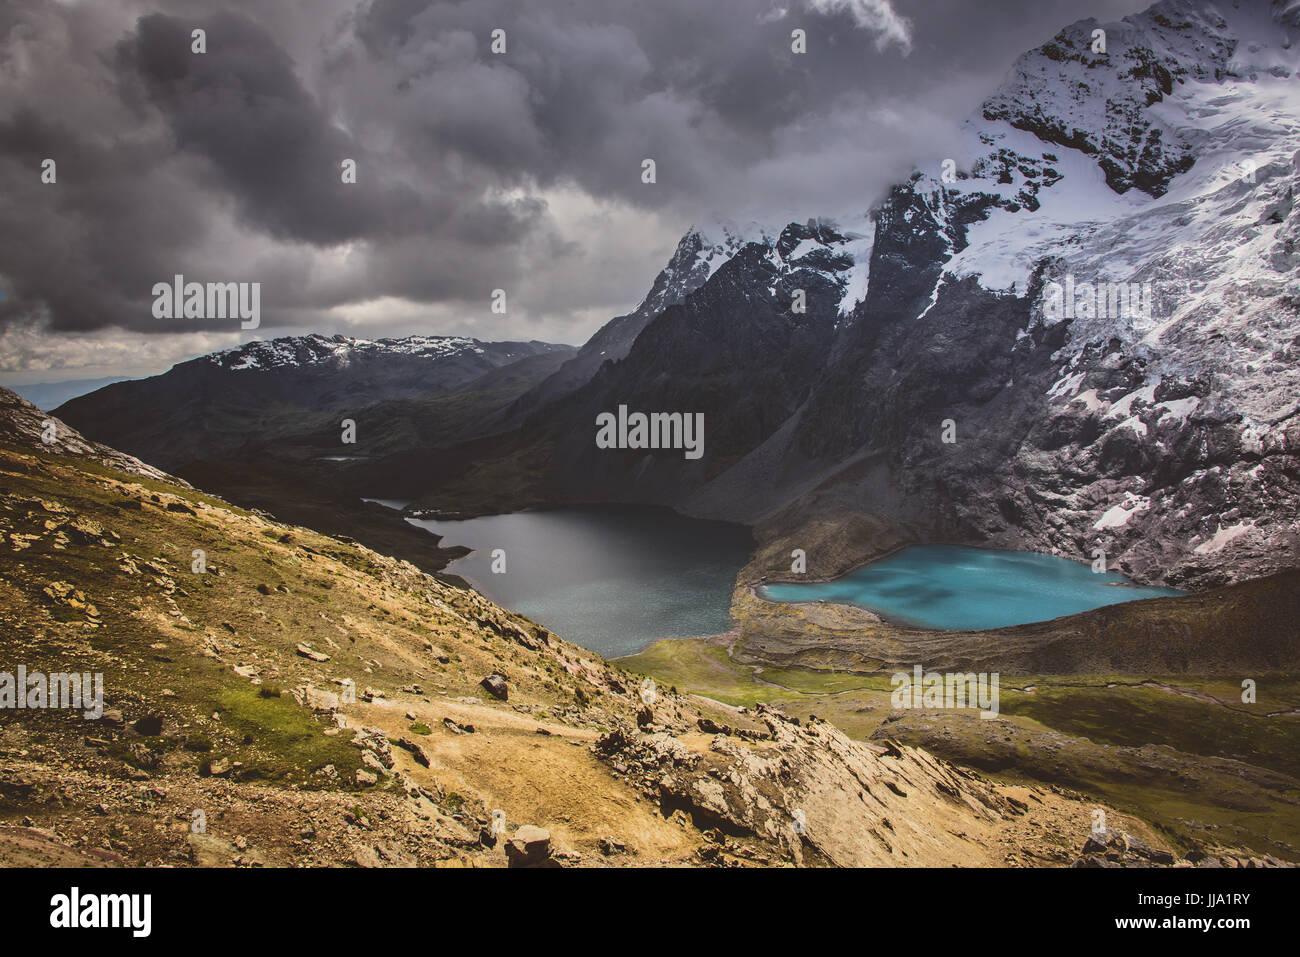 Ausangate cordillera glaciares y lagos, Perú Imagen De Stock